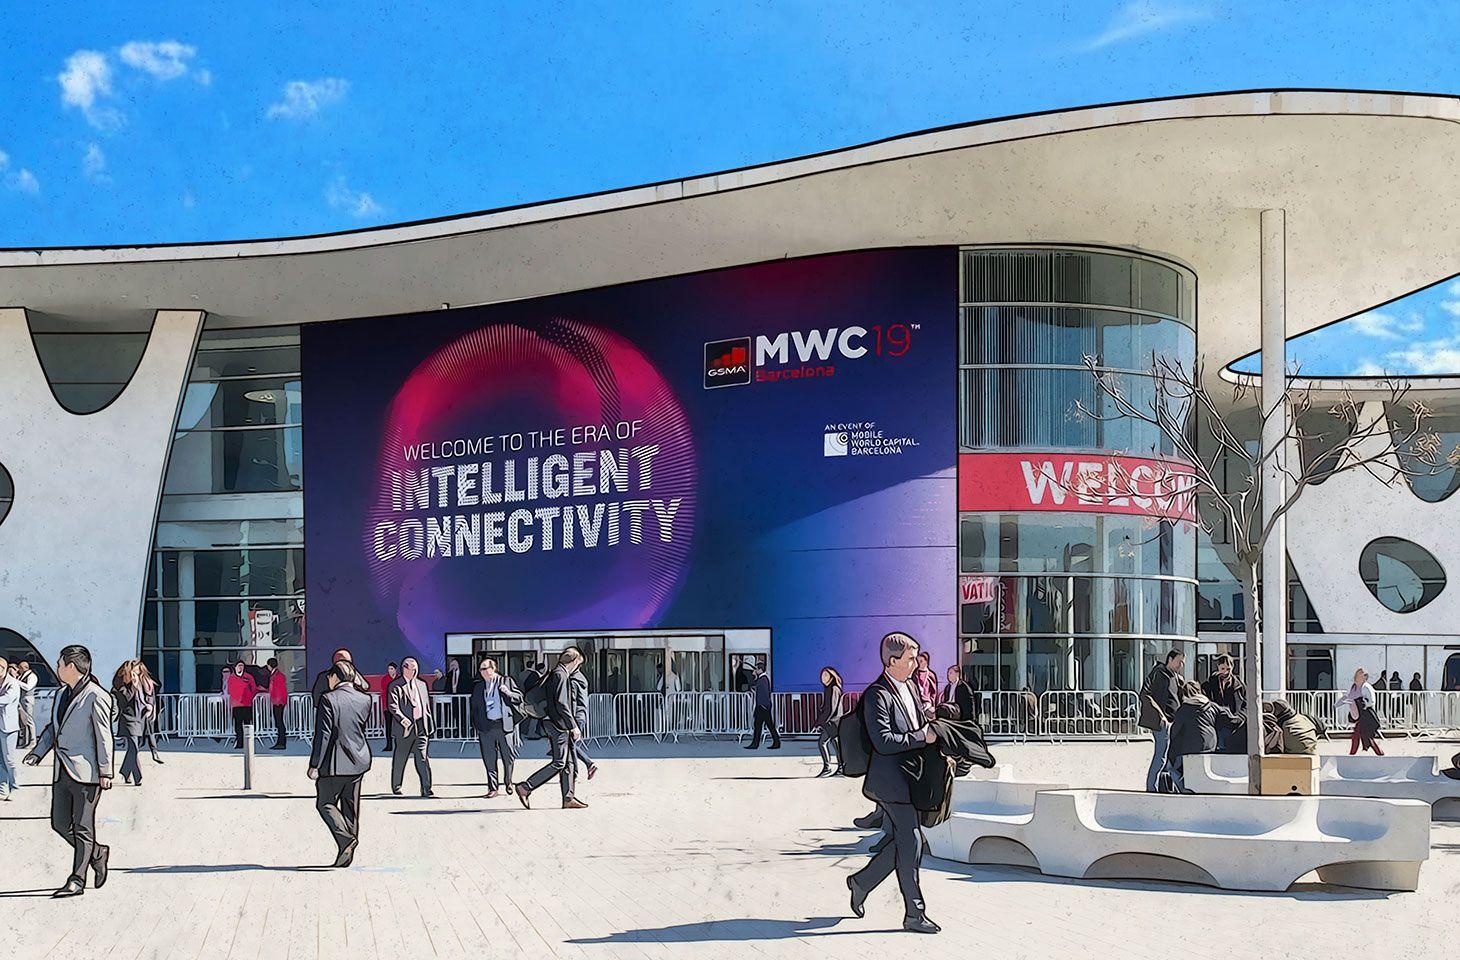 Der Mobile World Congress 2019 zusammengefasst – 5G, IdD, Ultraschall-Fingerprint-Sensoren und Künstliche Intelligenz.